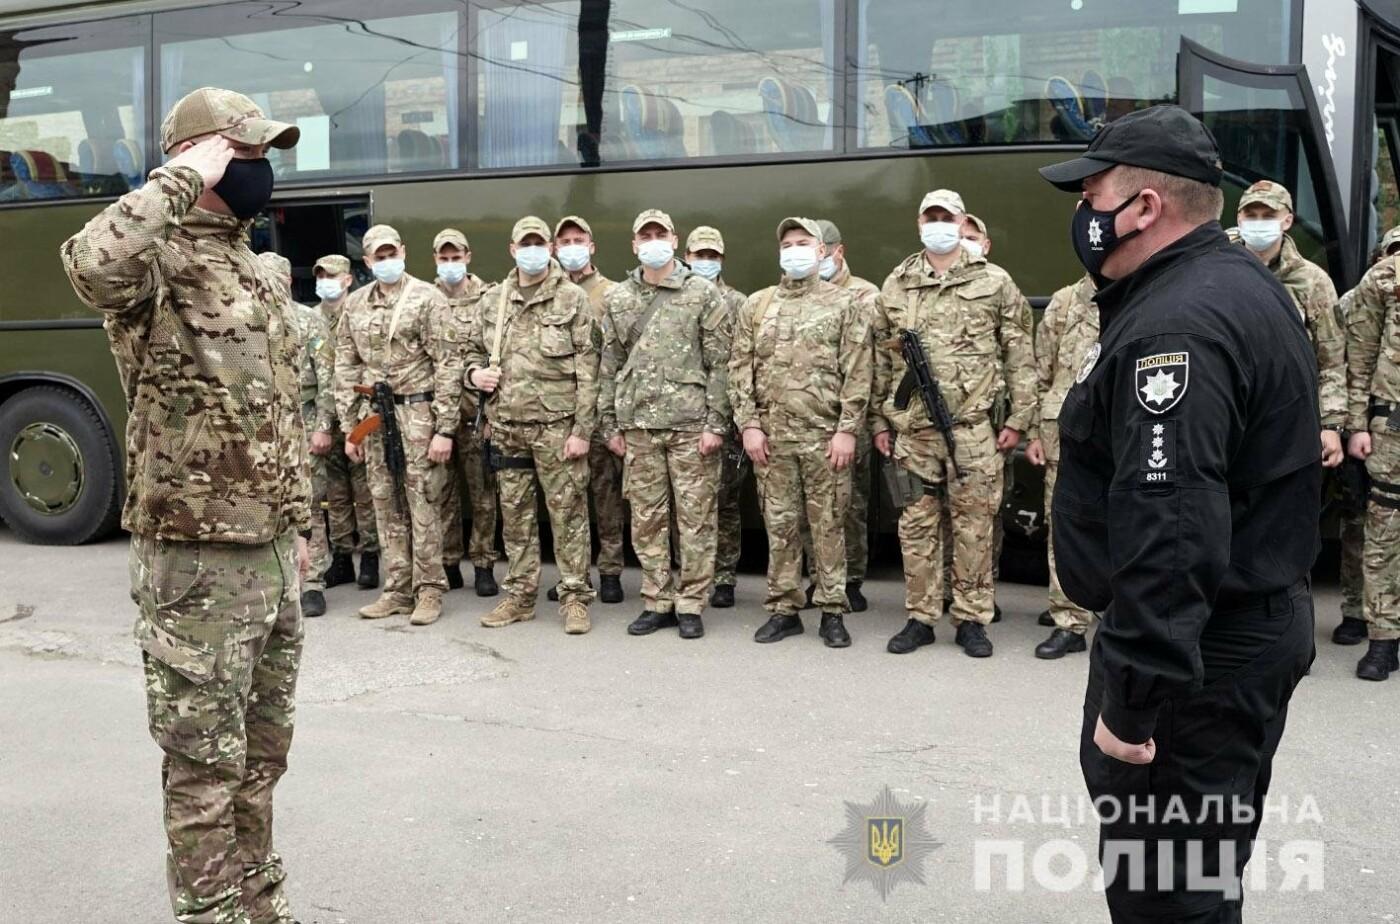 Зведений загін хмельницьких поліцейських вирушив у зону проведення Операції Об'єднаних Сил , фото-1